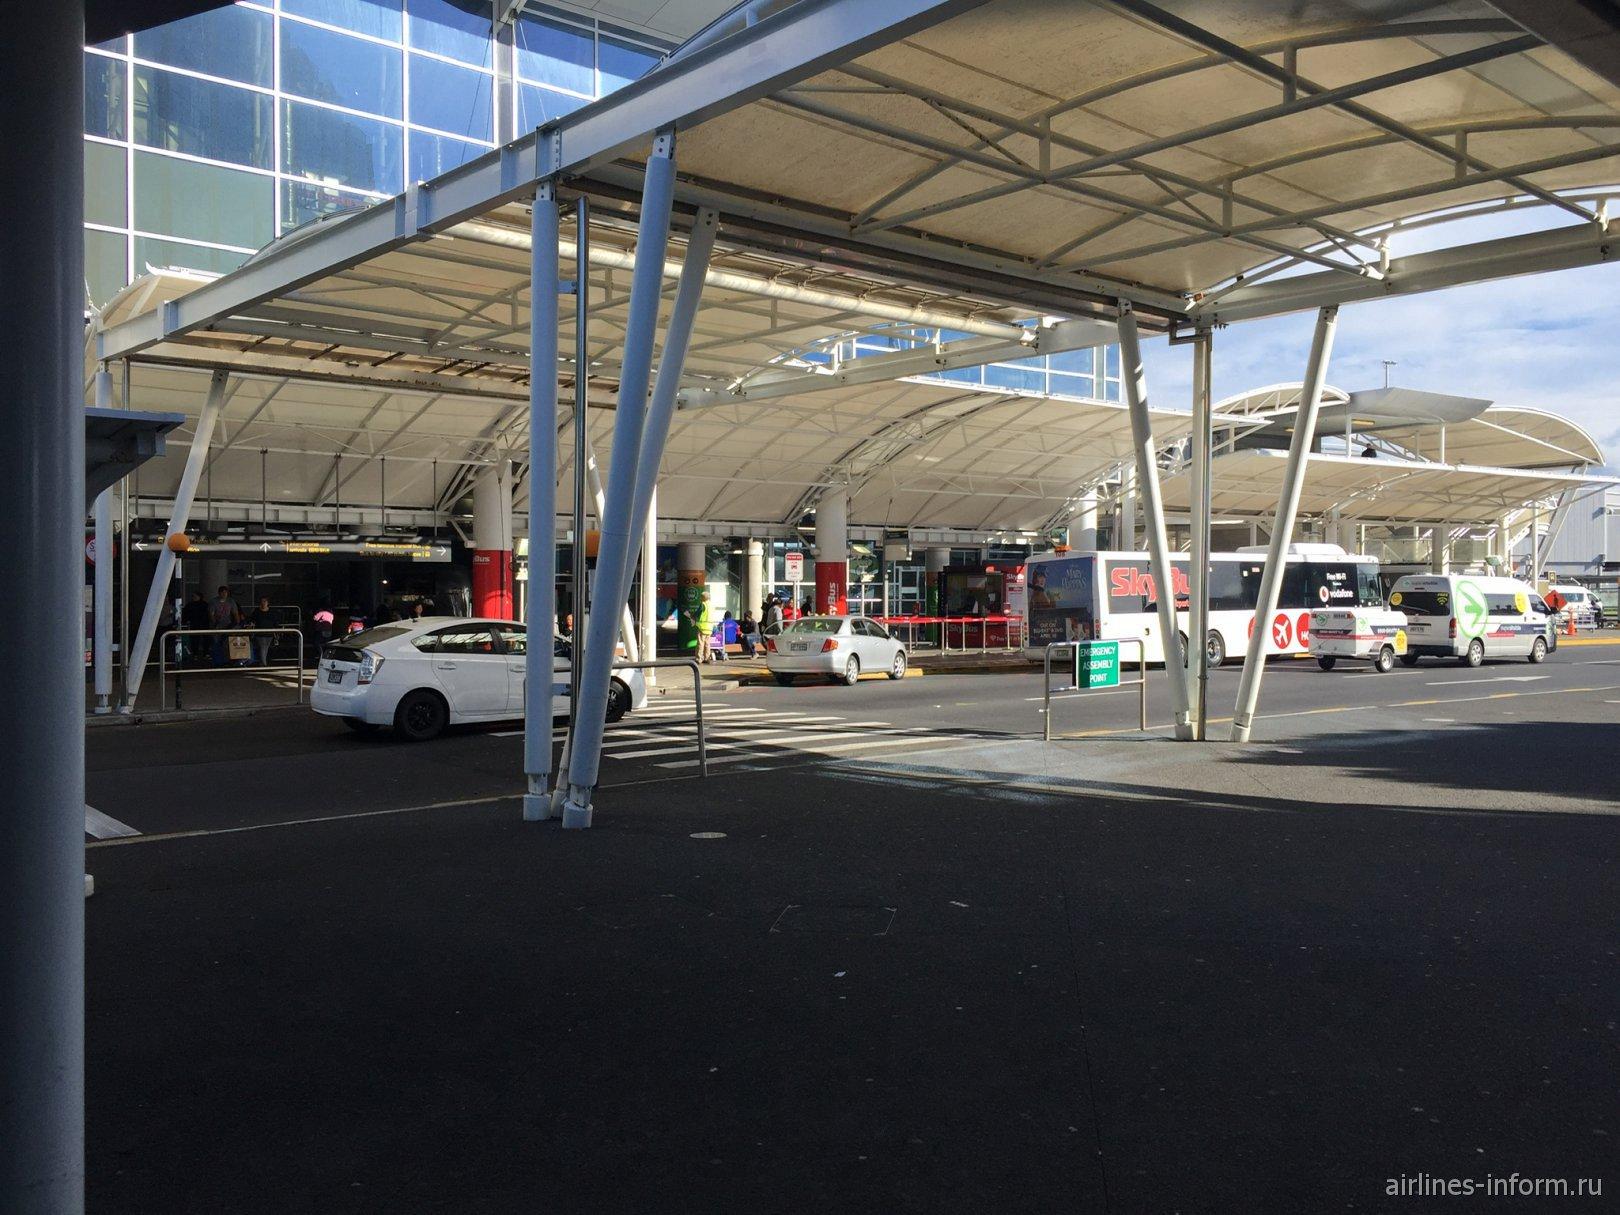 Навесы у входа в пассажирский терминал аэропорта Окленд